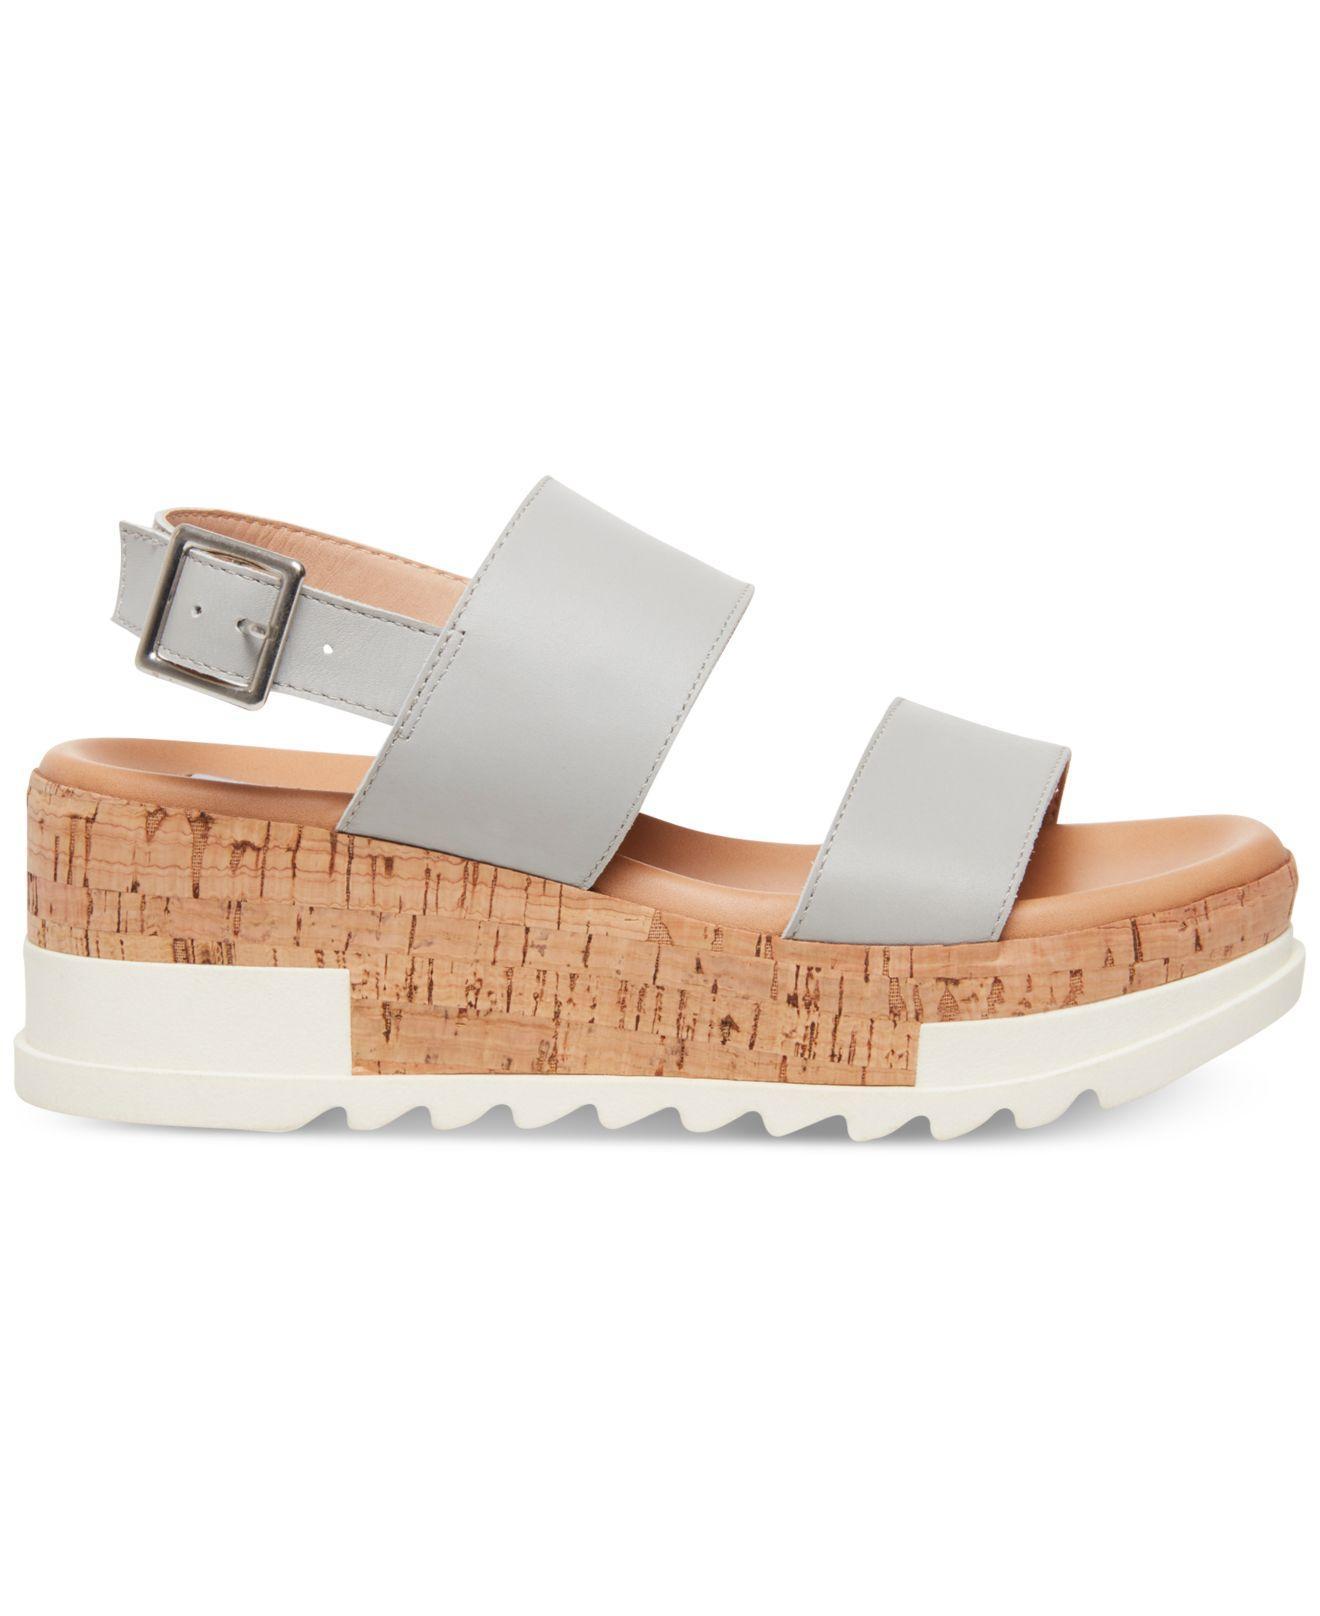 281d4e00154 Lyst - Steve Madden Brenda Flatform Sport Sandals in Gray